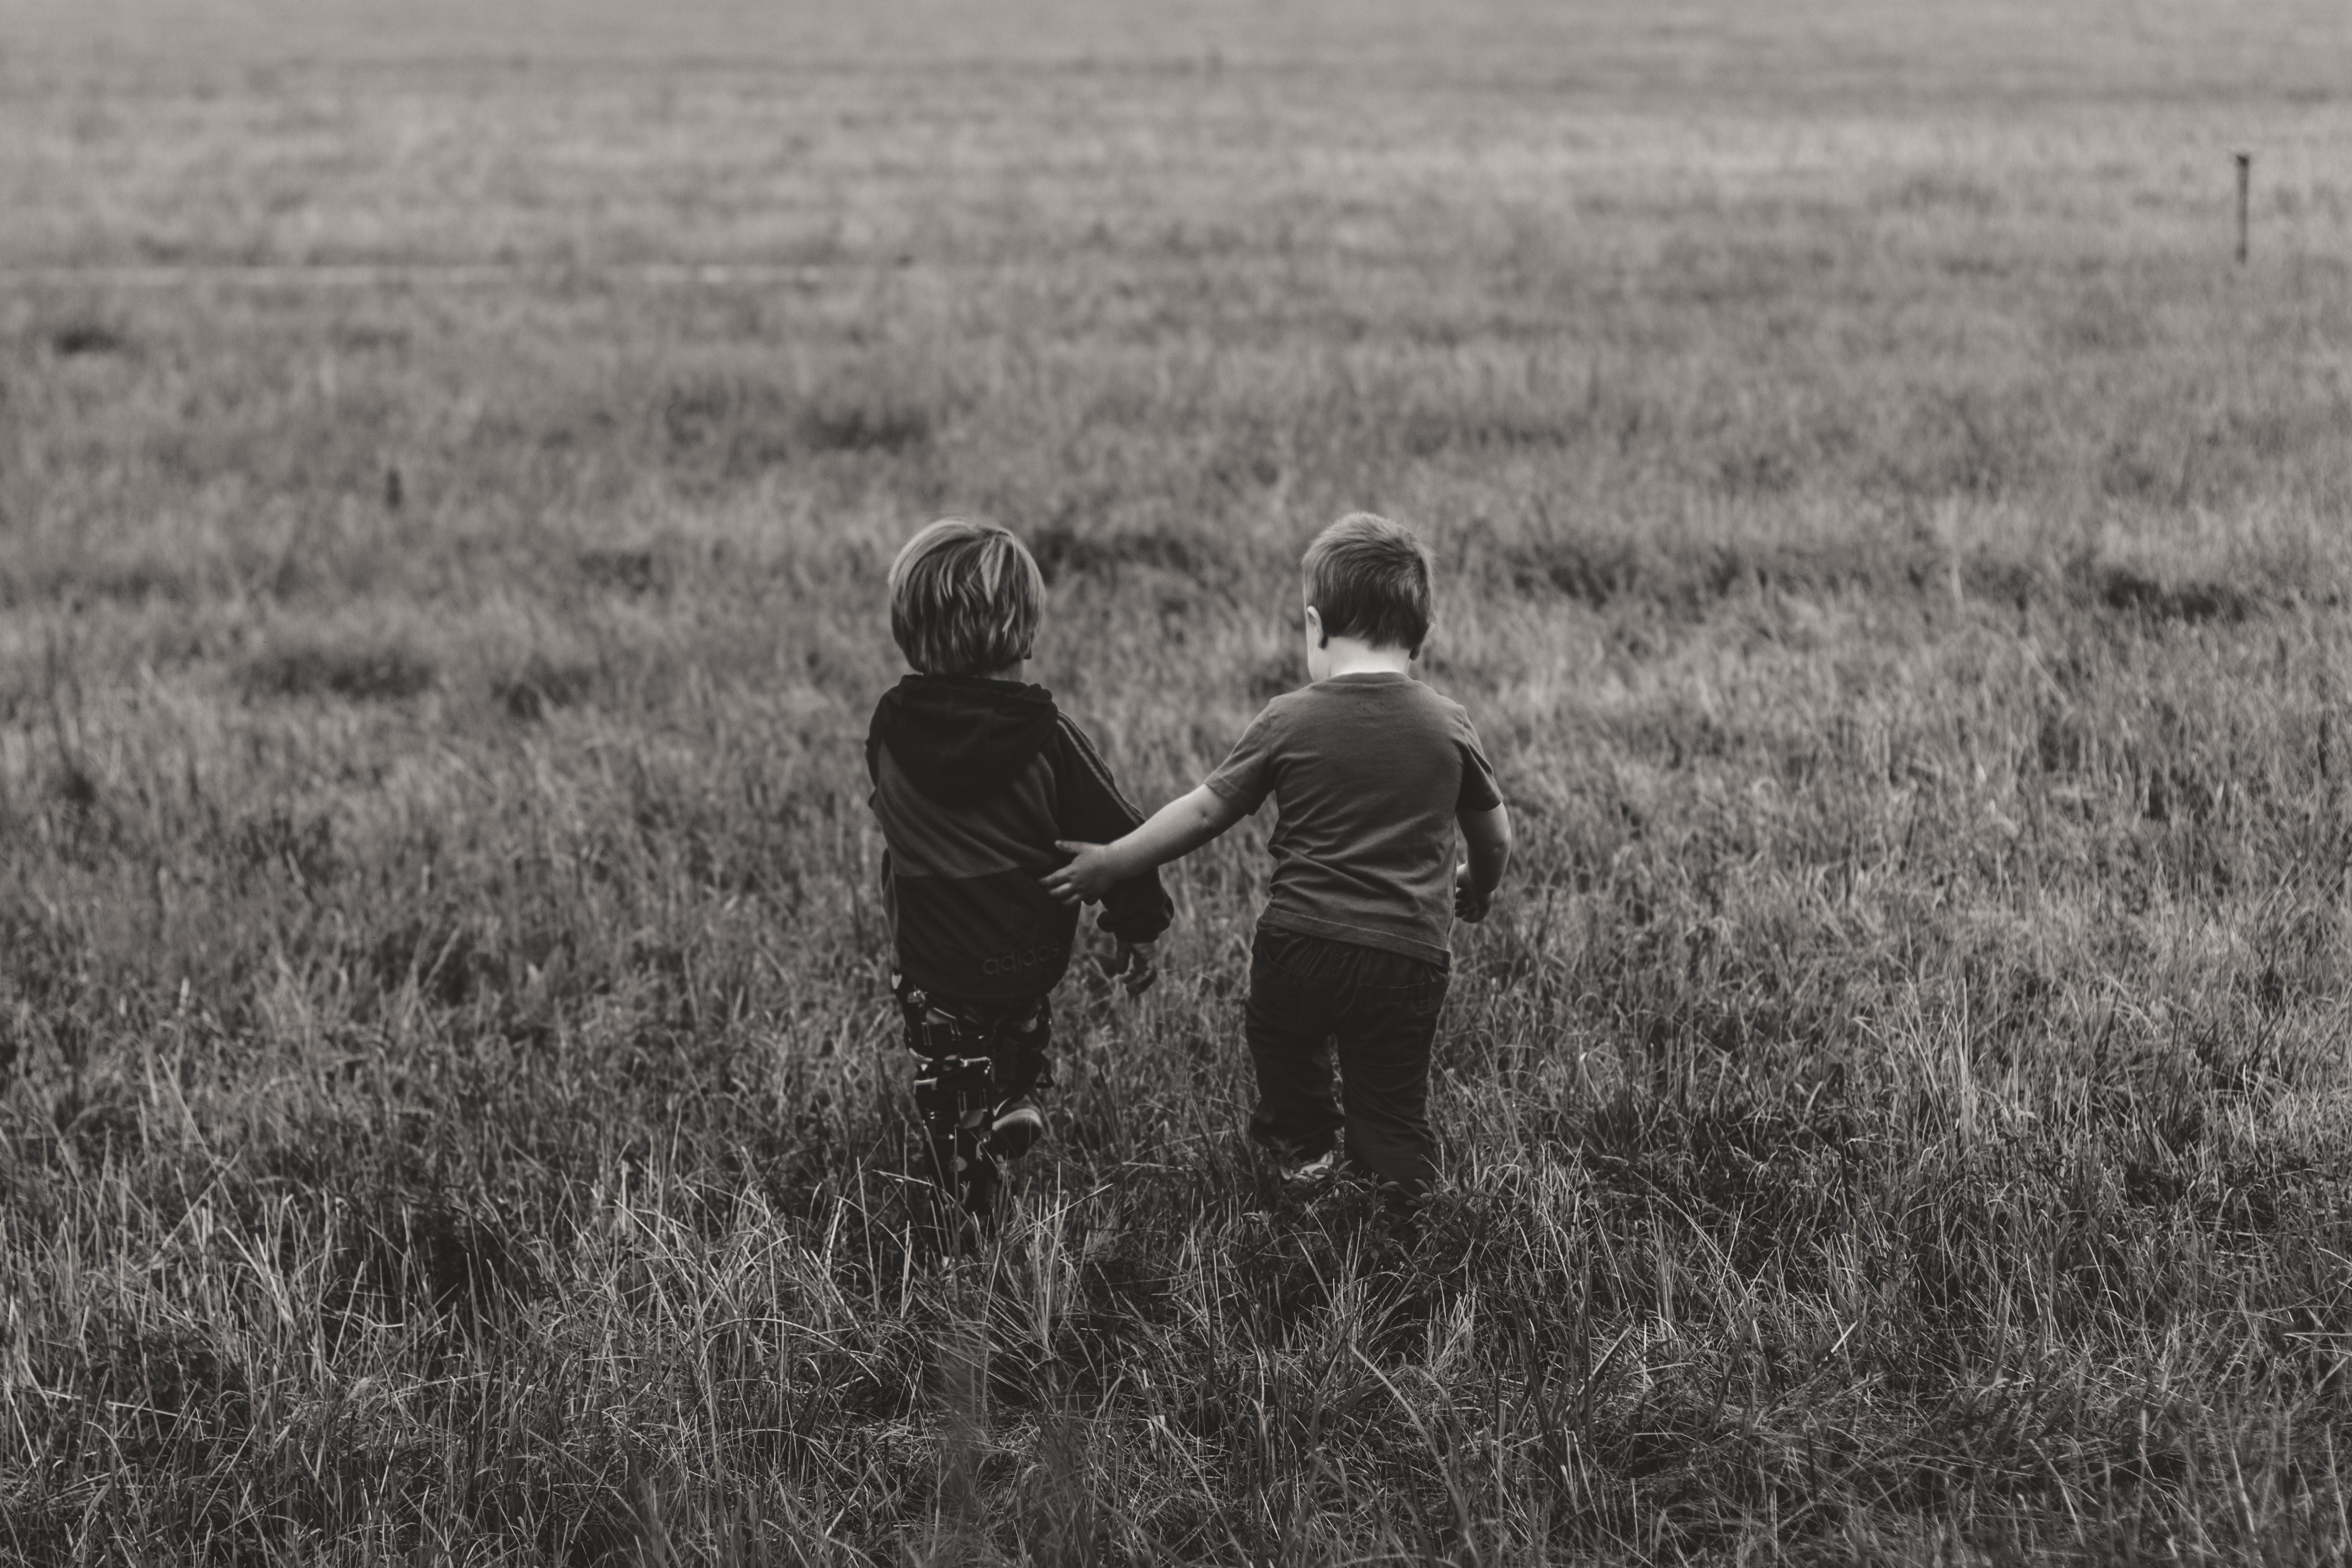 Blogginlägget handlar om barn och att de ska få idrotta för deras skull. Därför inkluderar vi ett foto på två barn som går tillsammans.